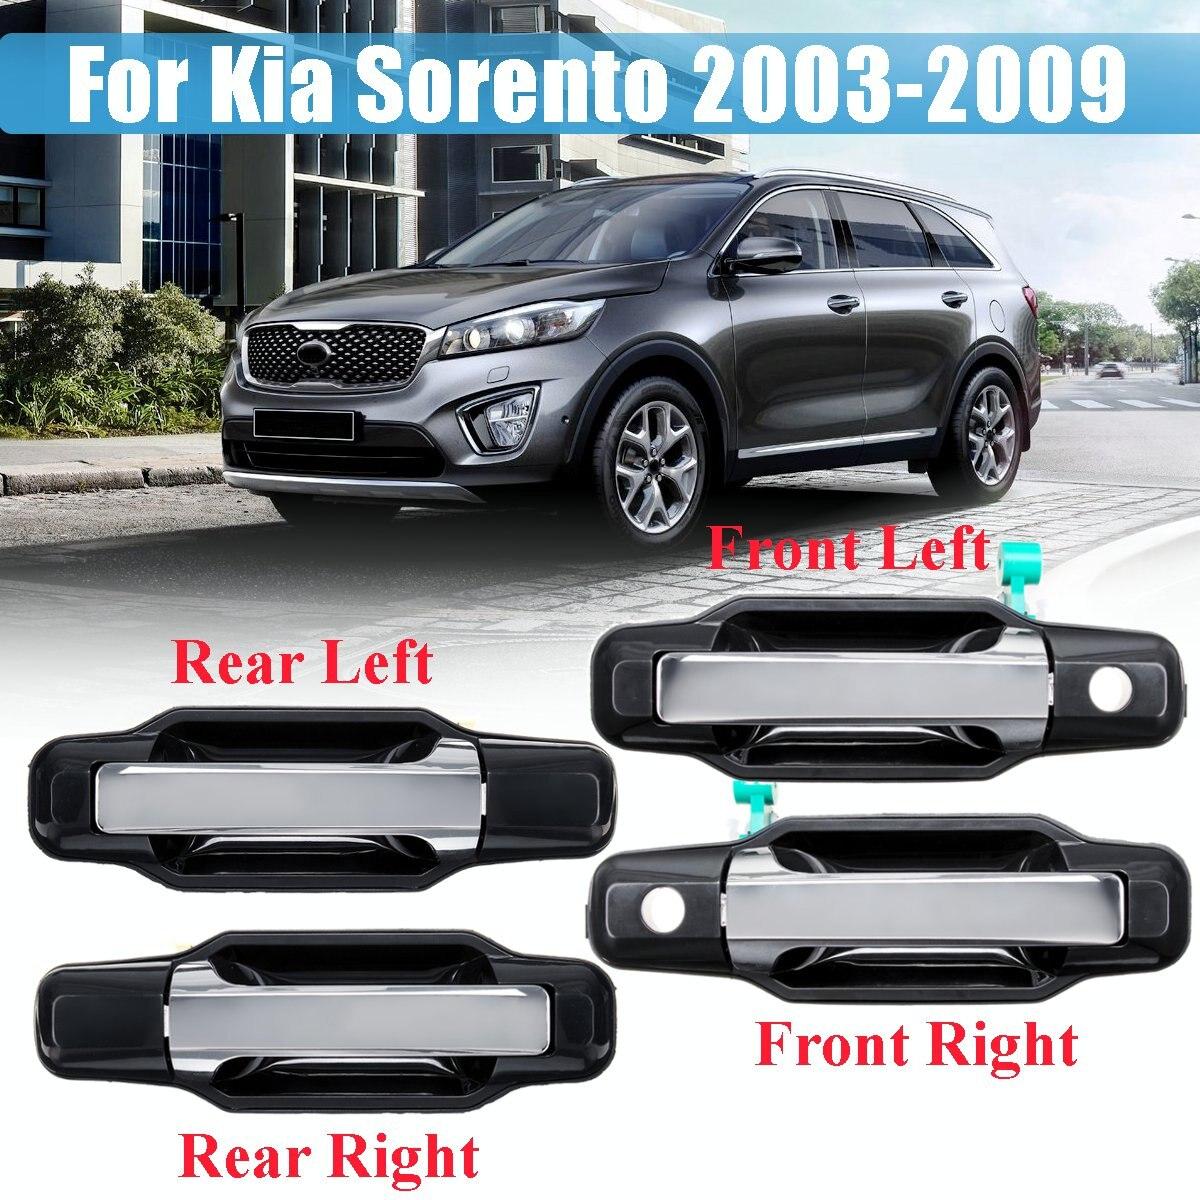 Ручка двери LHD для Kia Sorento 2003, 2004, 2005, 2006, 2007, 2008, 2009, 826503E021, 826603E021, 836503E01